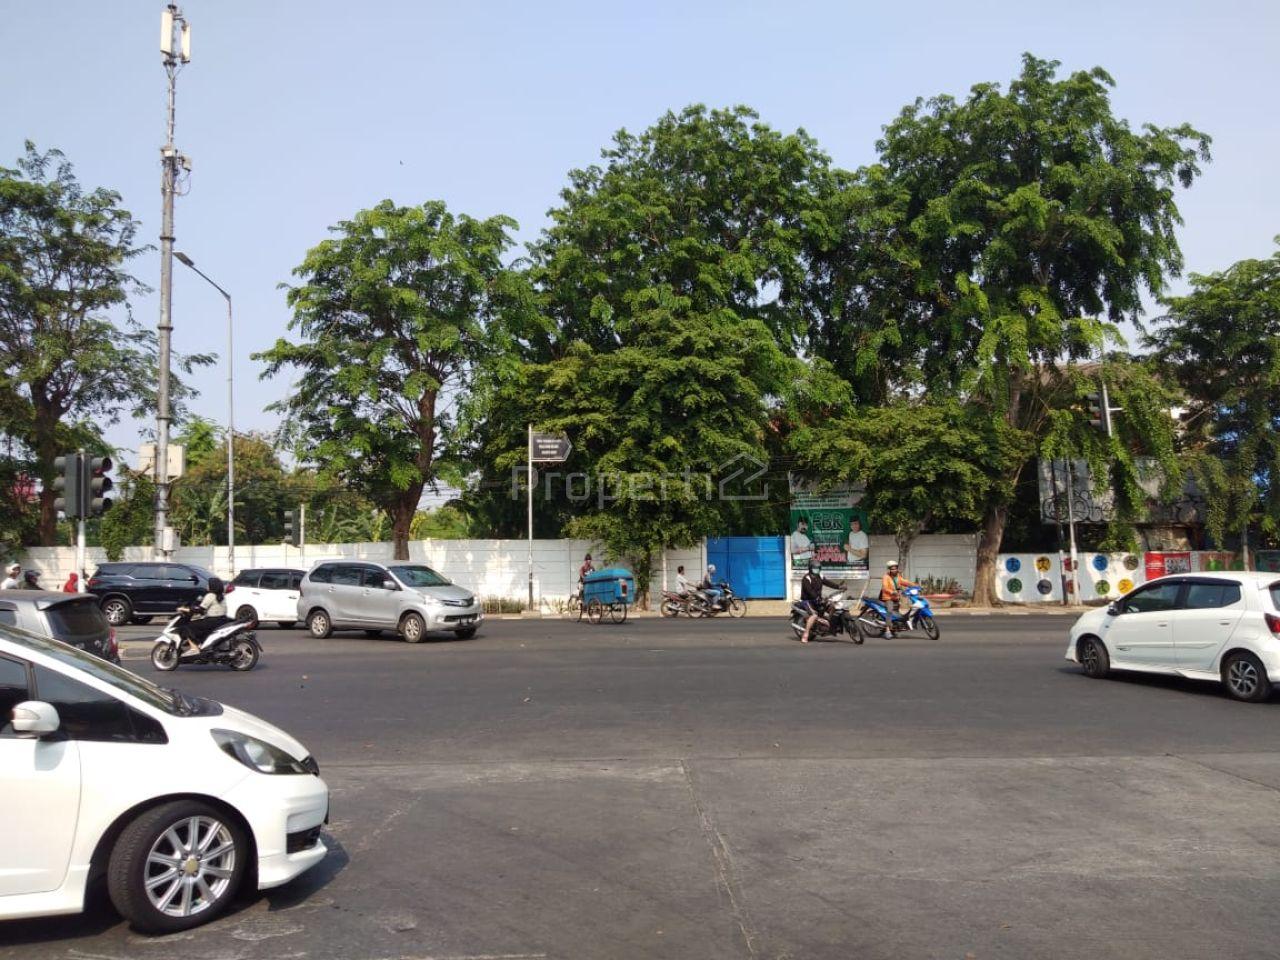 Land for Offices at Jalan Panjang Kebon Jeruk, DKI Jakarta